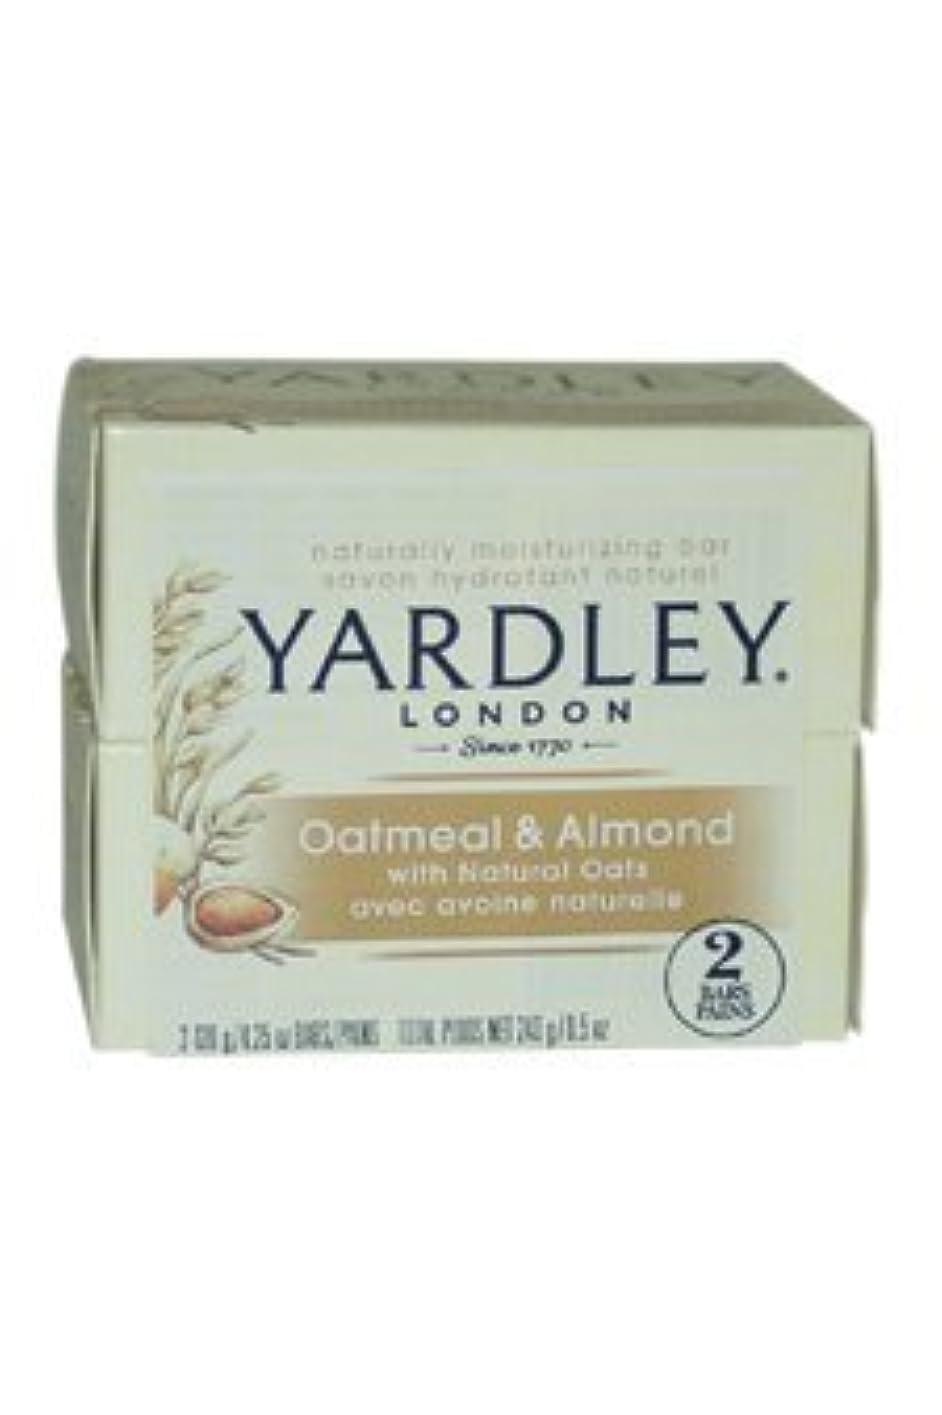 マージ採用するマーガレットミッチェルOatmeal and Almond Bar Soap by Yardley - 2 x 4.25 oz Soap by Yardley [並行輸入品]